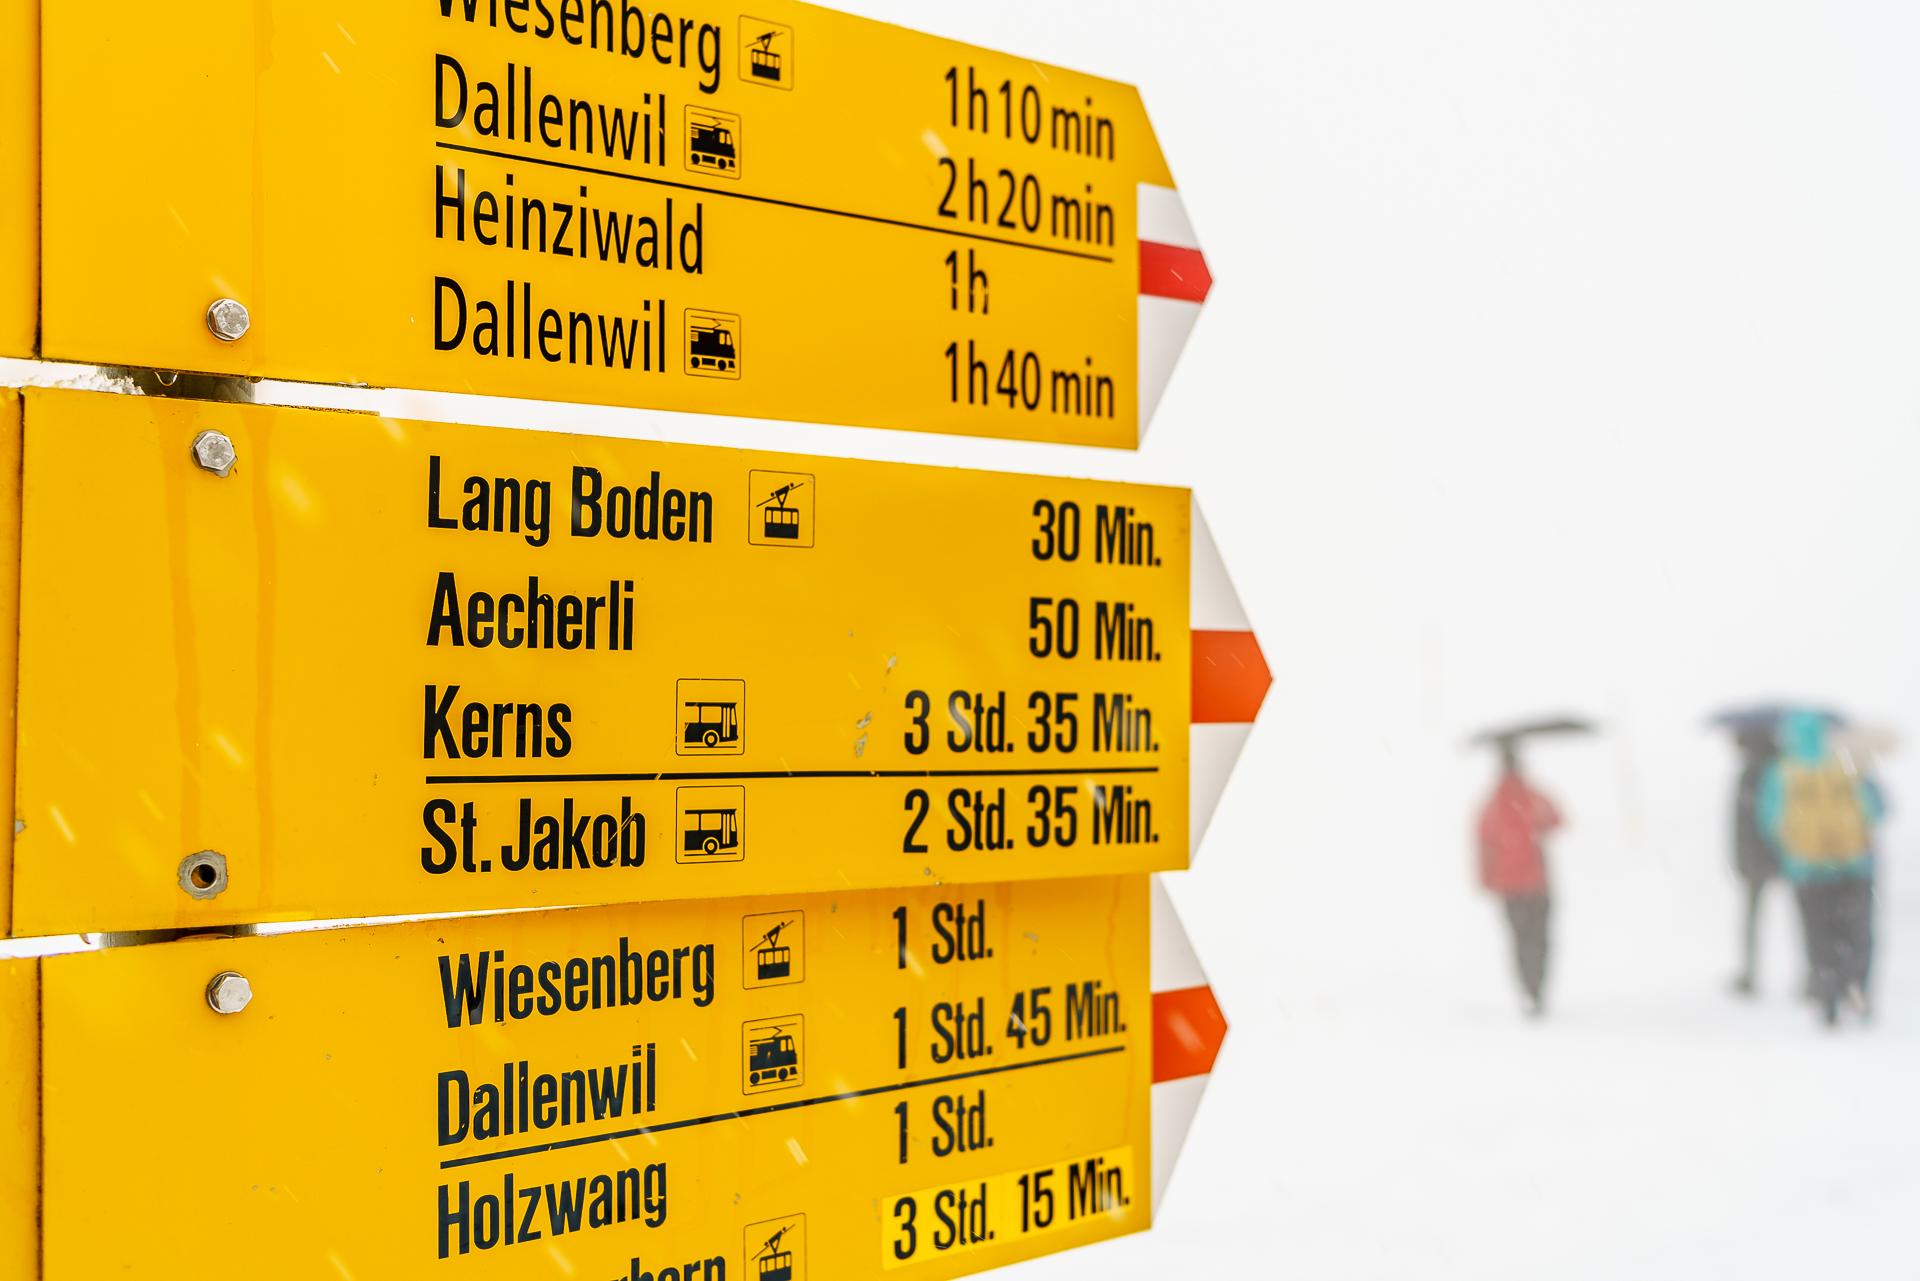 Wirzweli-Dallenwil-Wanderungen